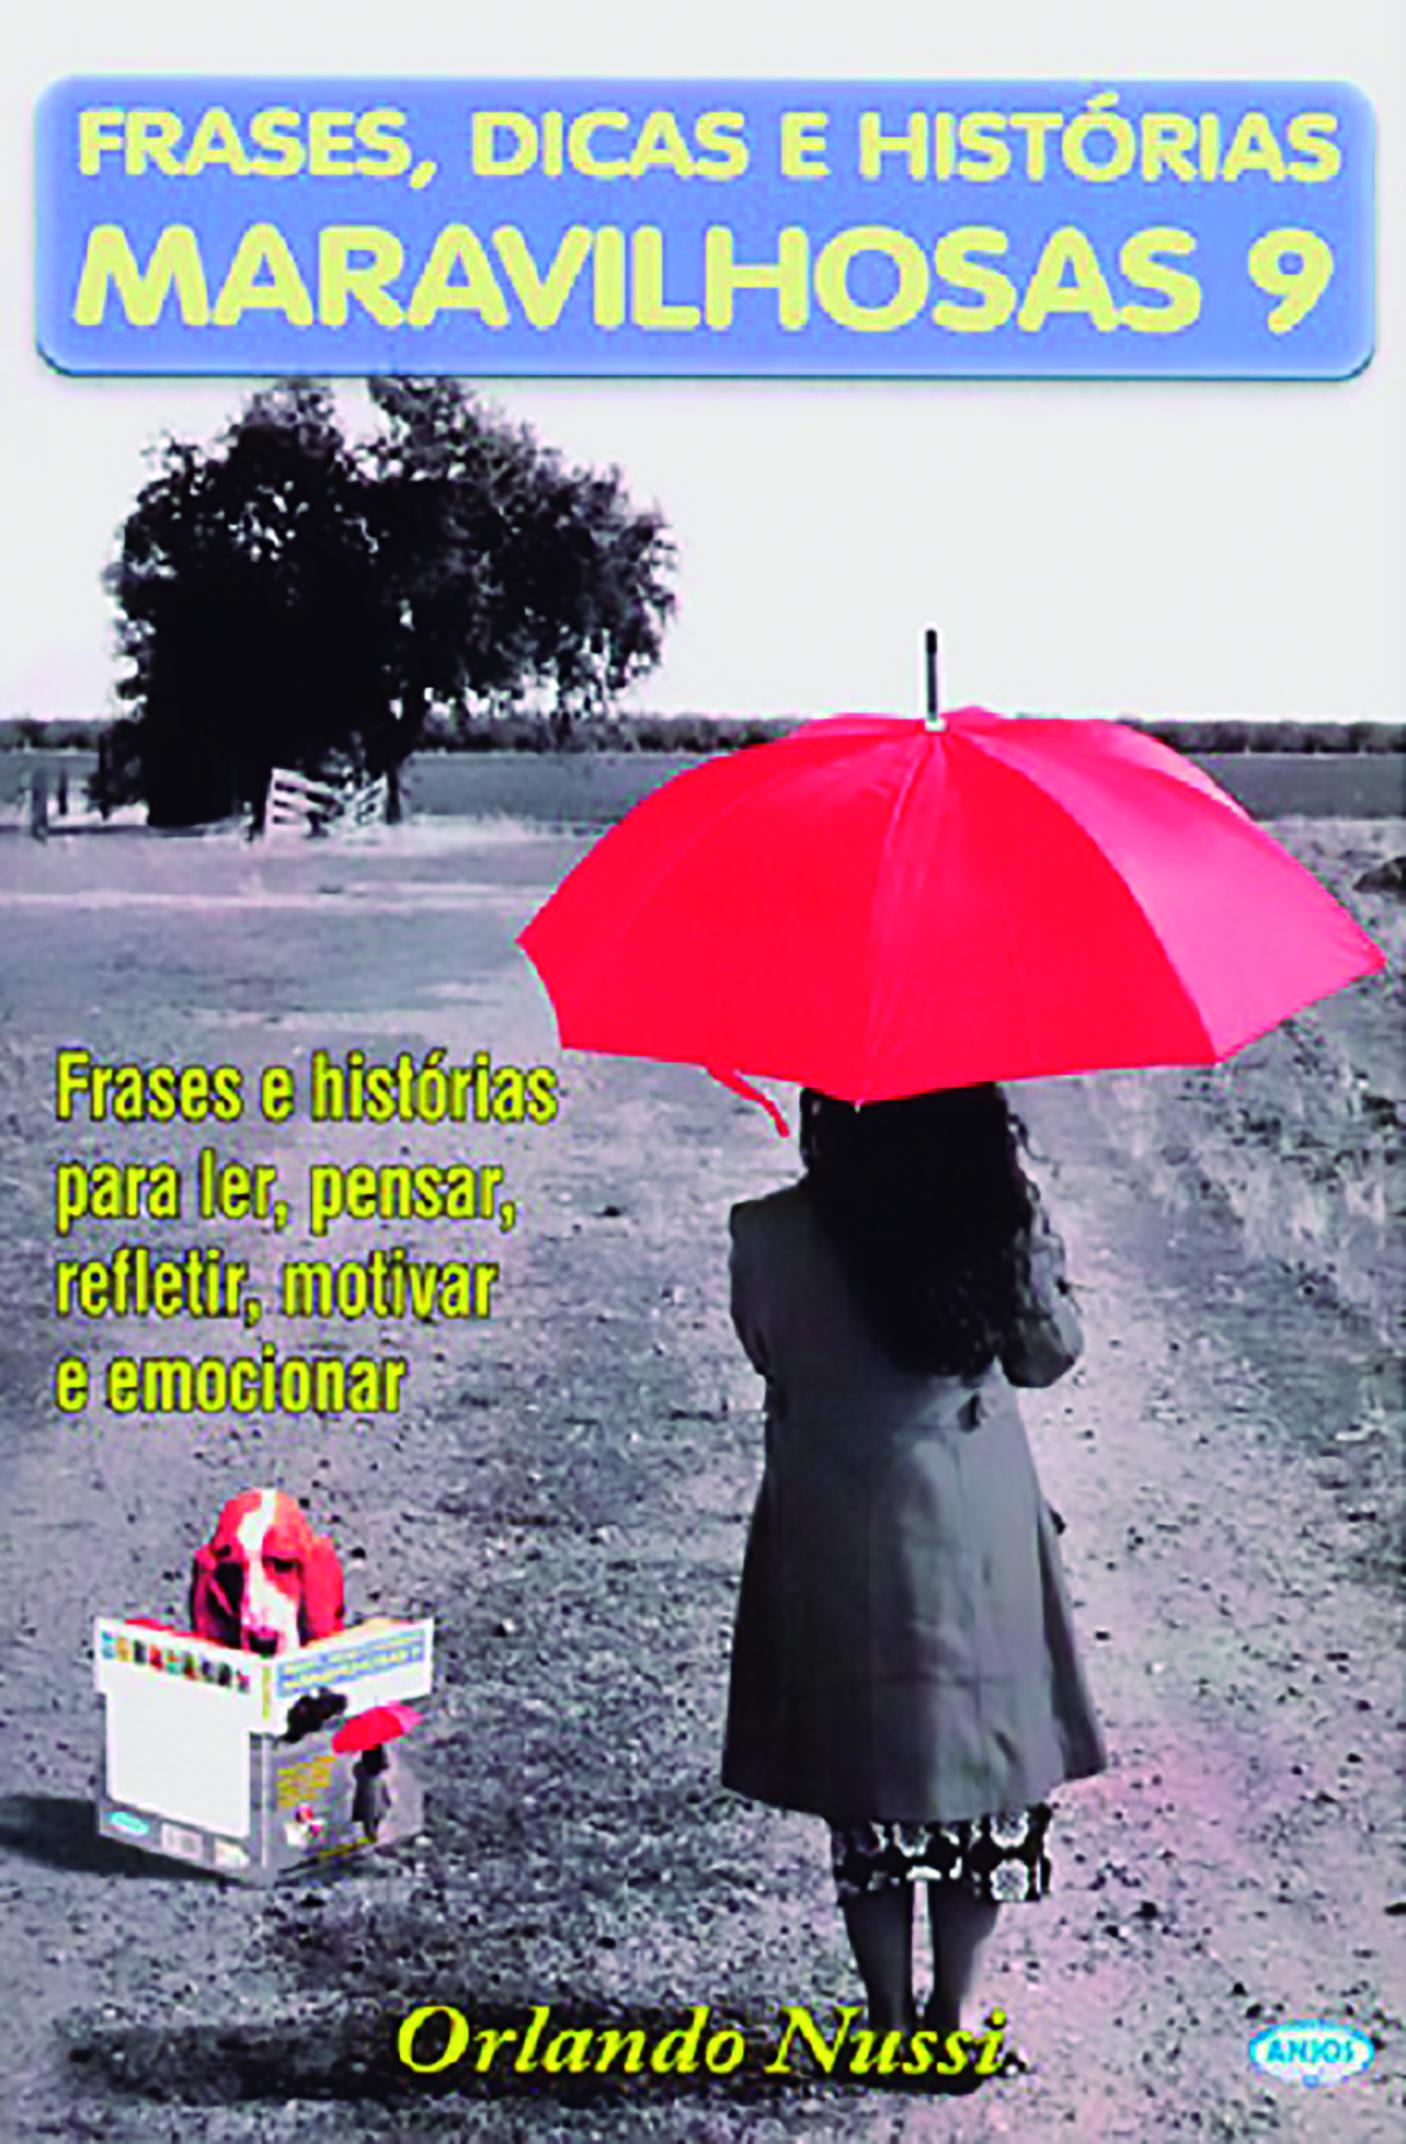 FRASES DICAS E HIST. MARAVILHOSAS - V 09